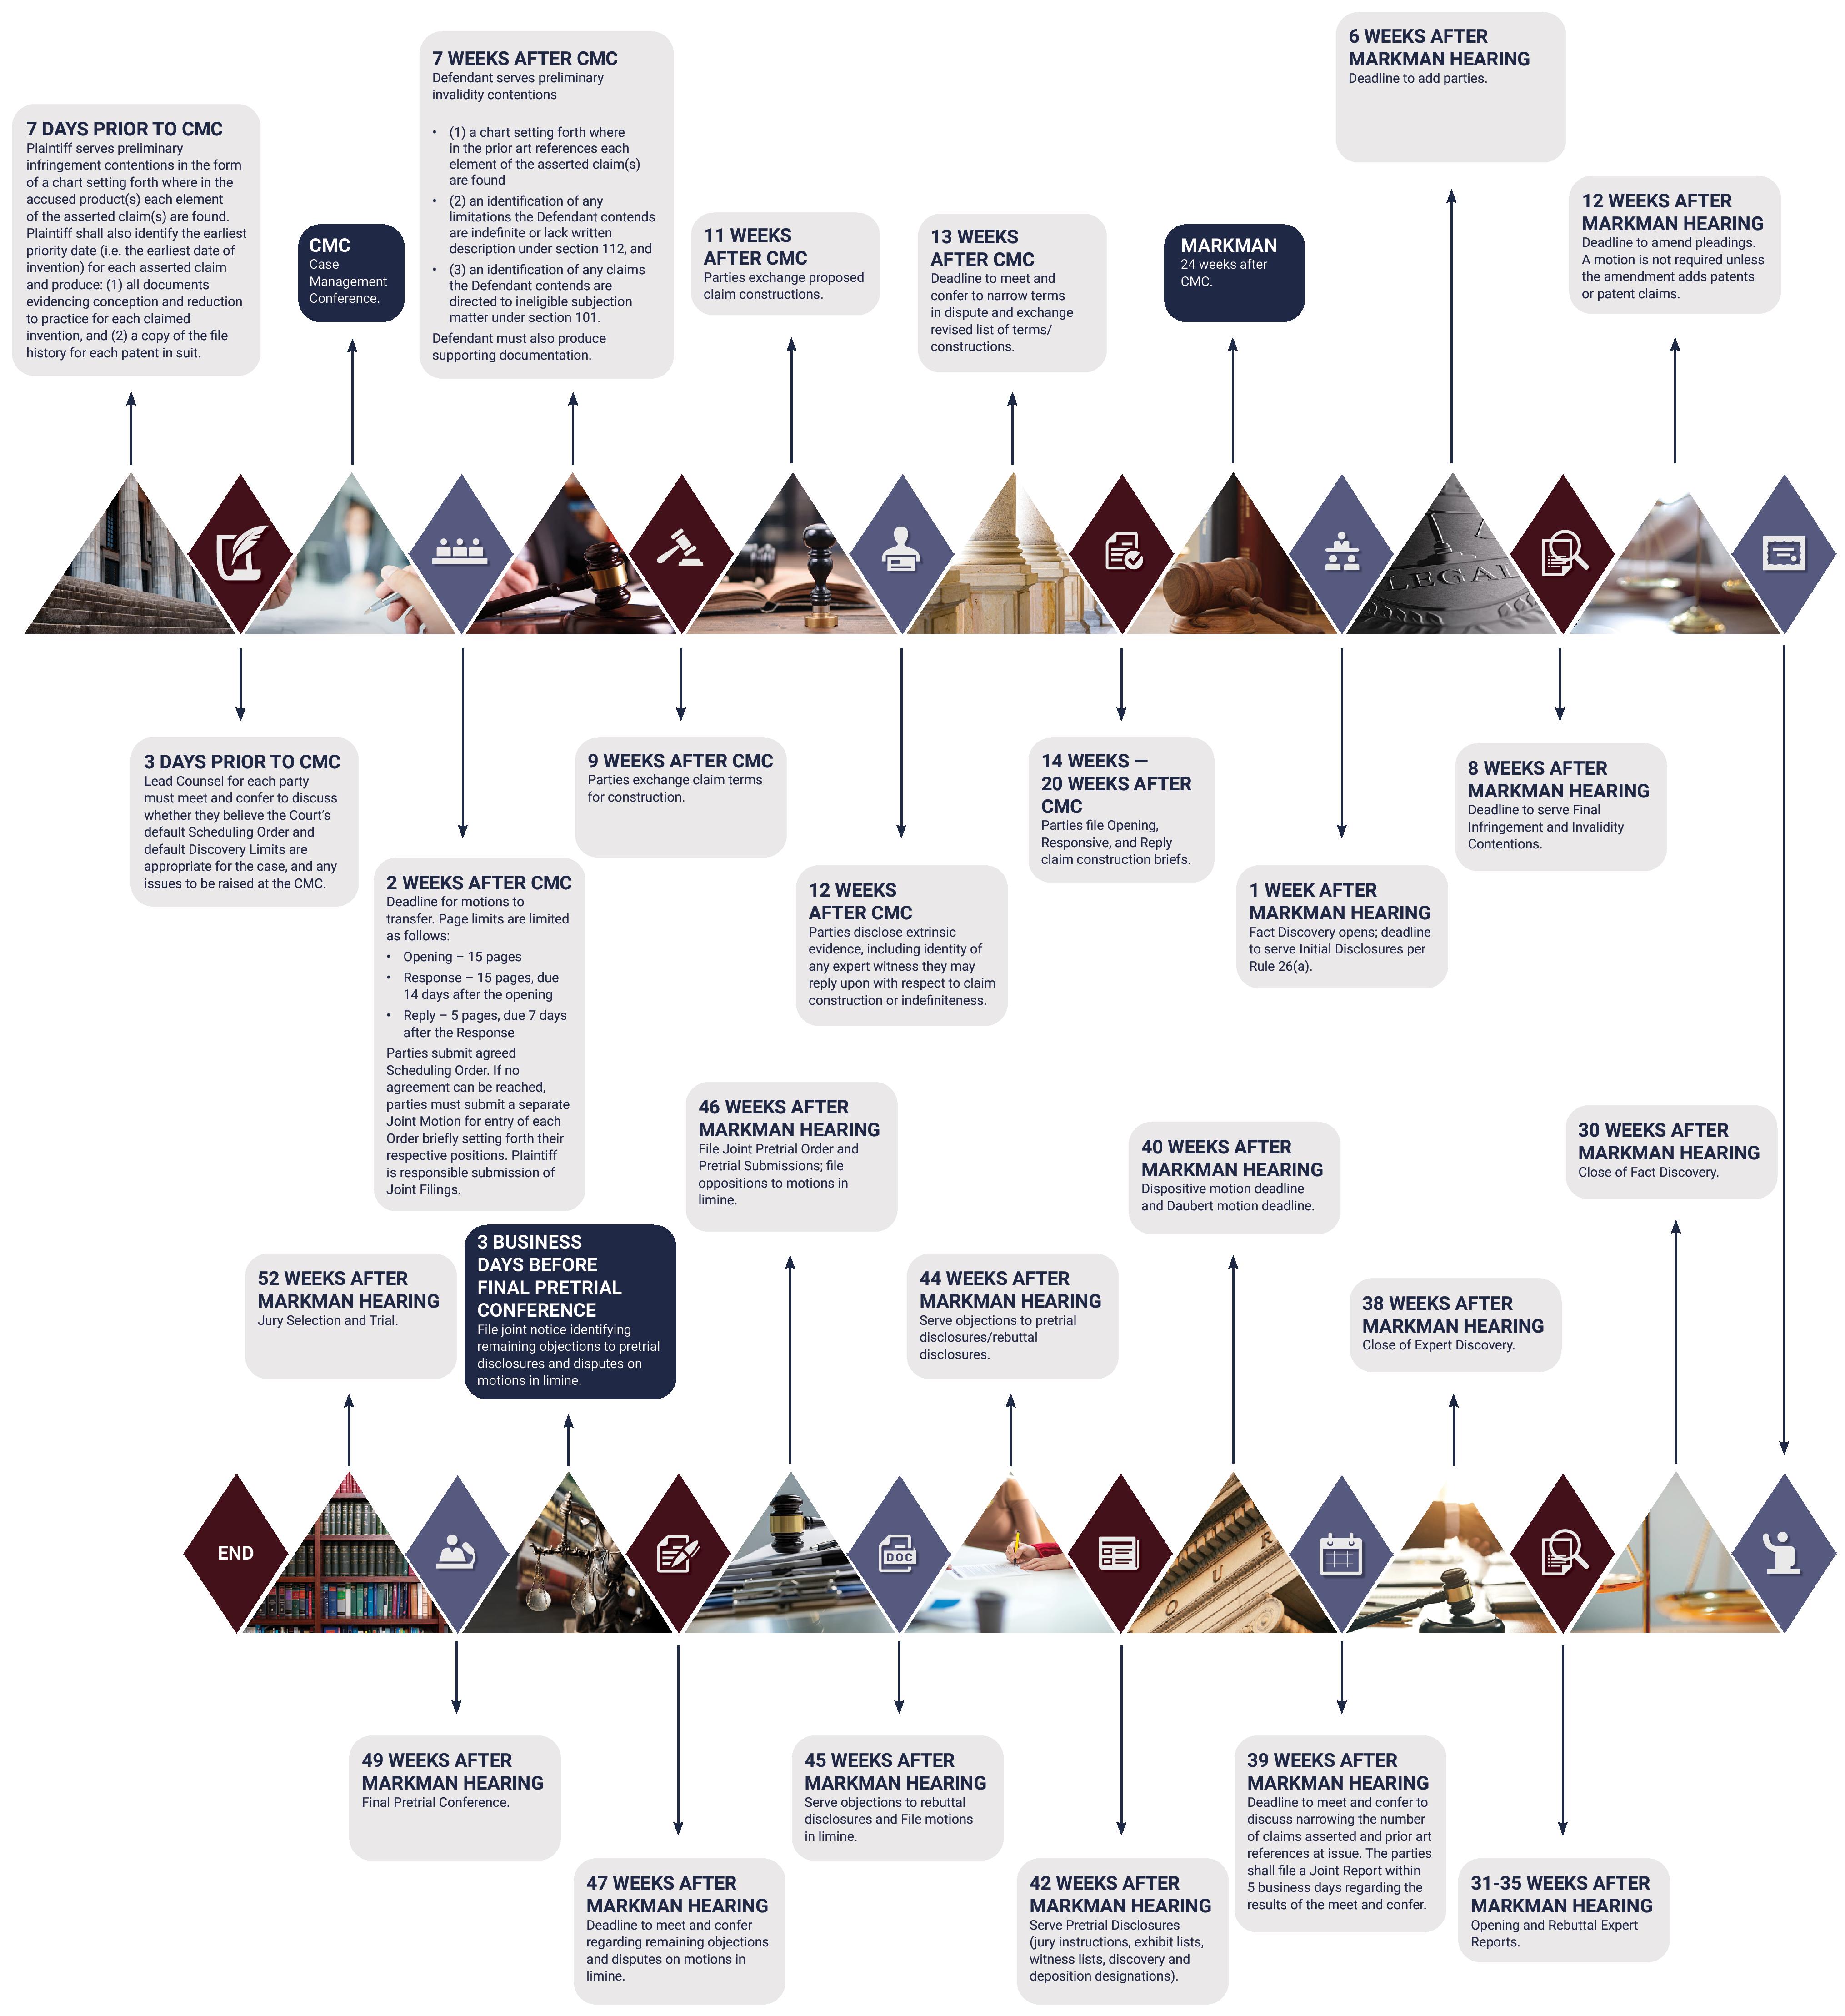 General Governing Proceeding Timeline